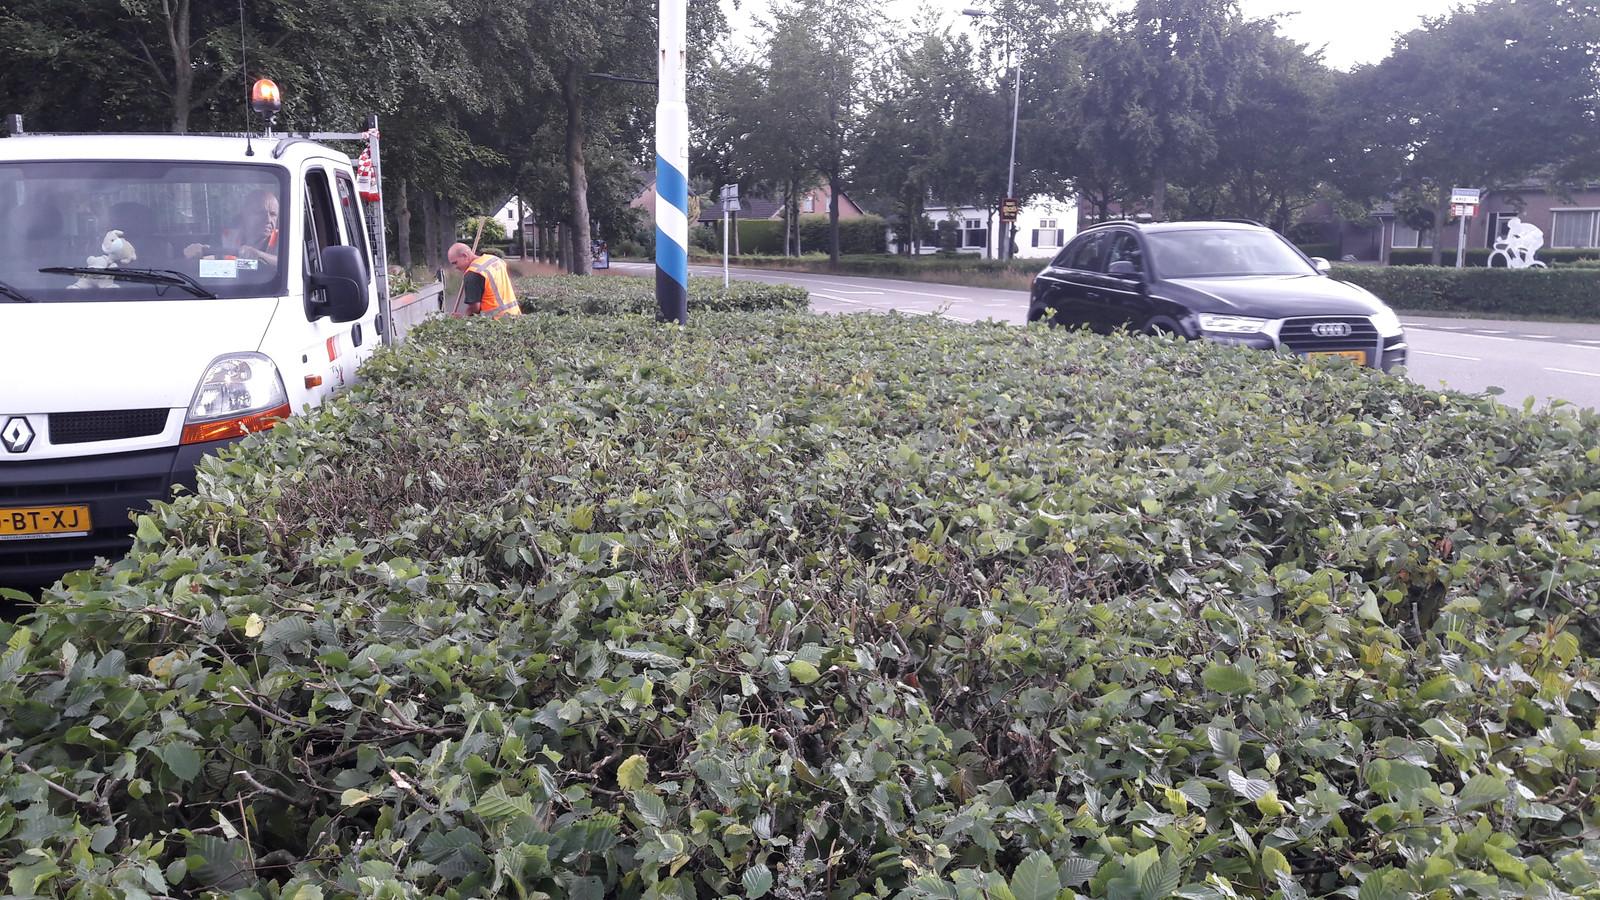 Vanachter deze inmiddels gesnoeide haag kwam de 62-jarige Moergestelse  toen zij zondagmiddag op de Akkerweg werd aangereden door een automobiliste, met fataal gevolg.